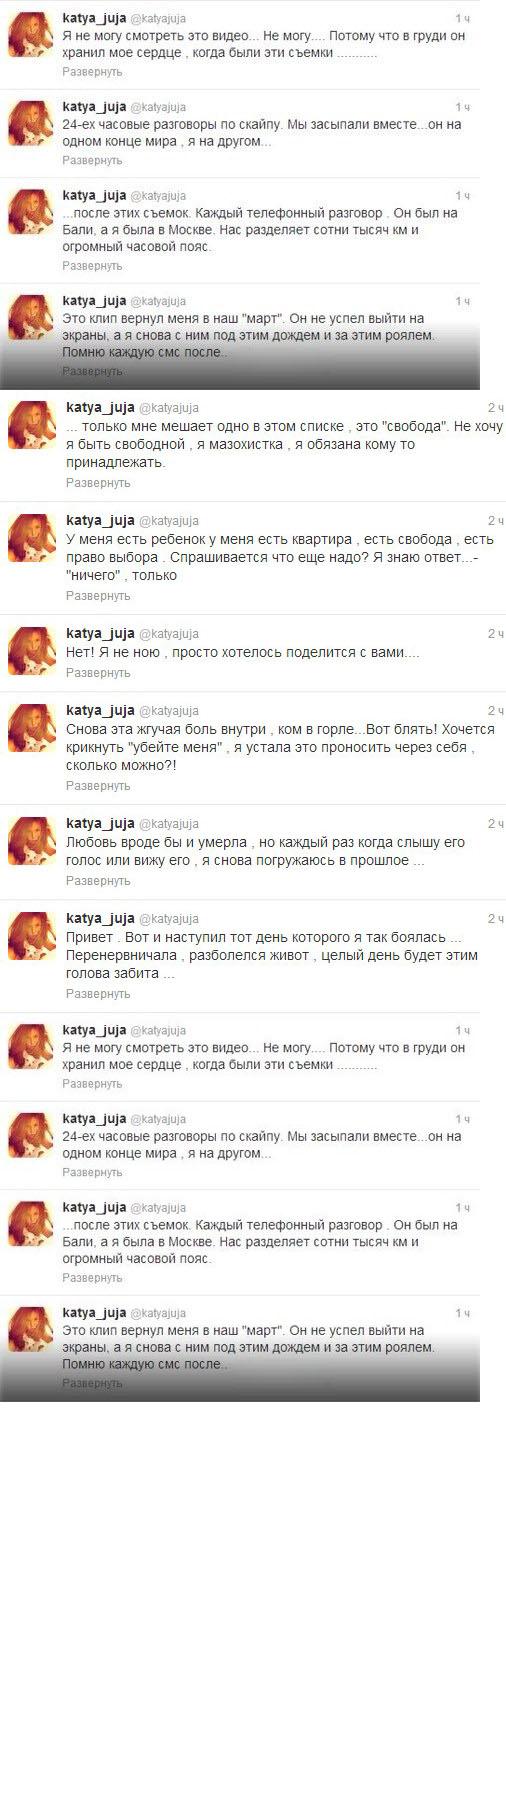 Твиттер Кати Жужи